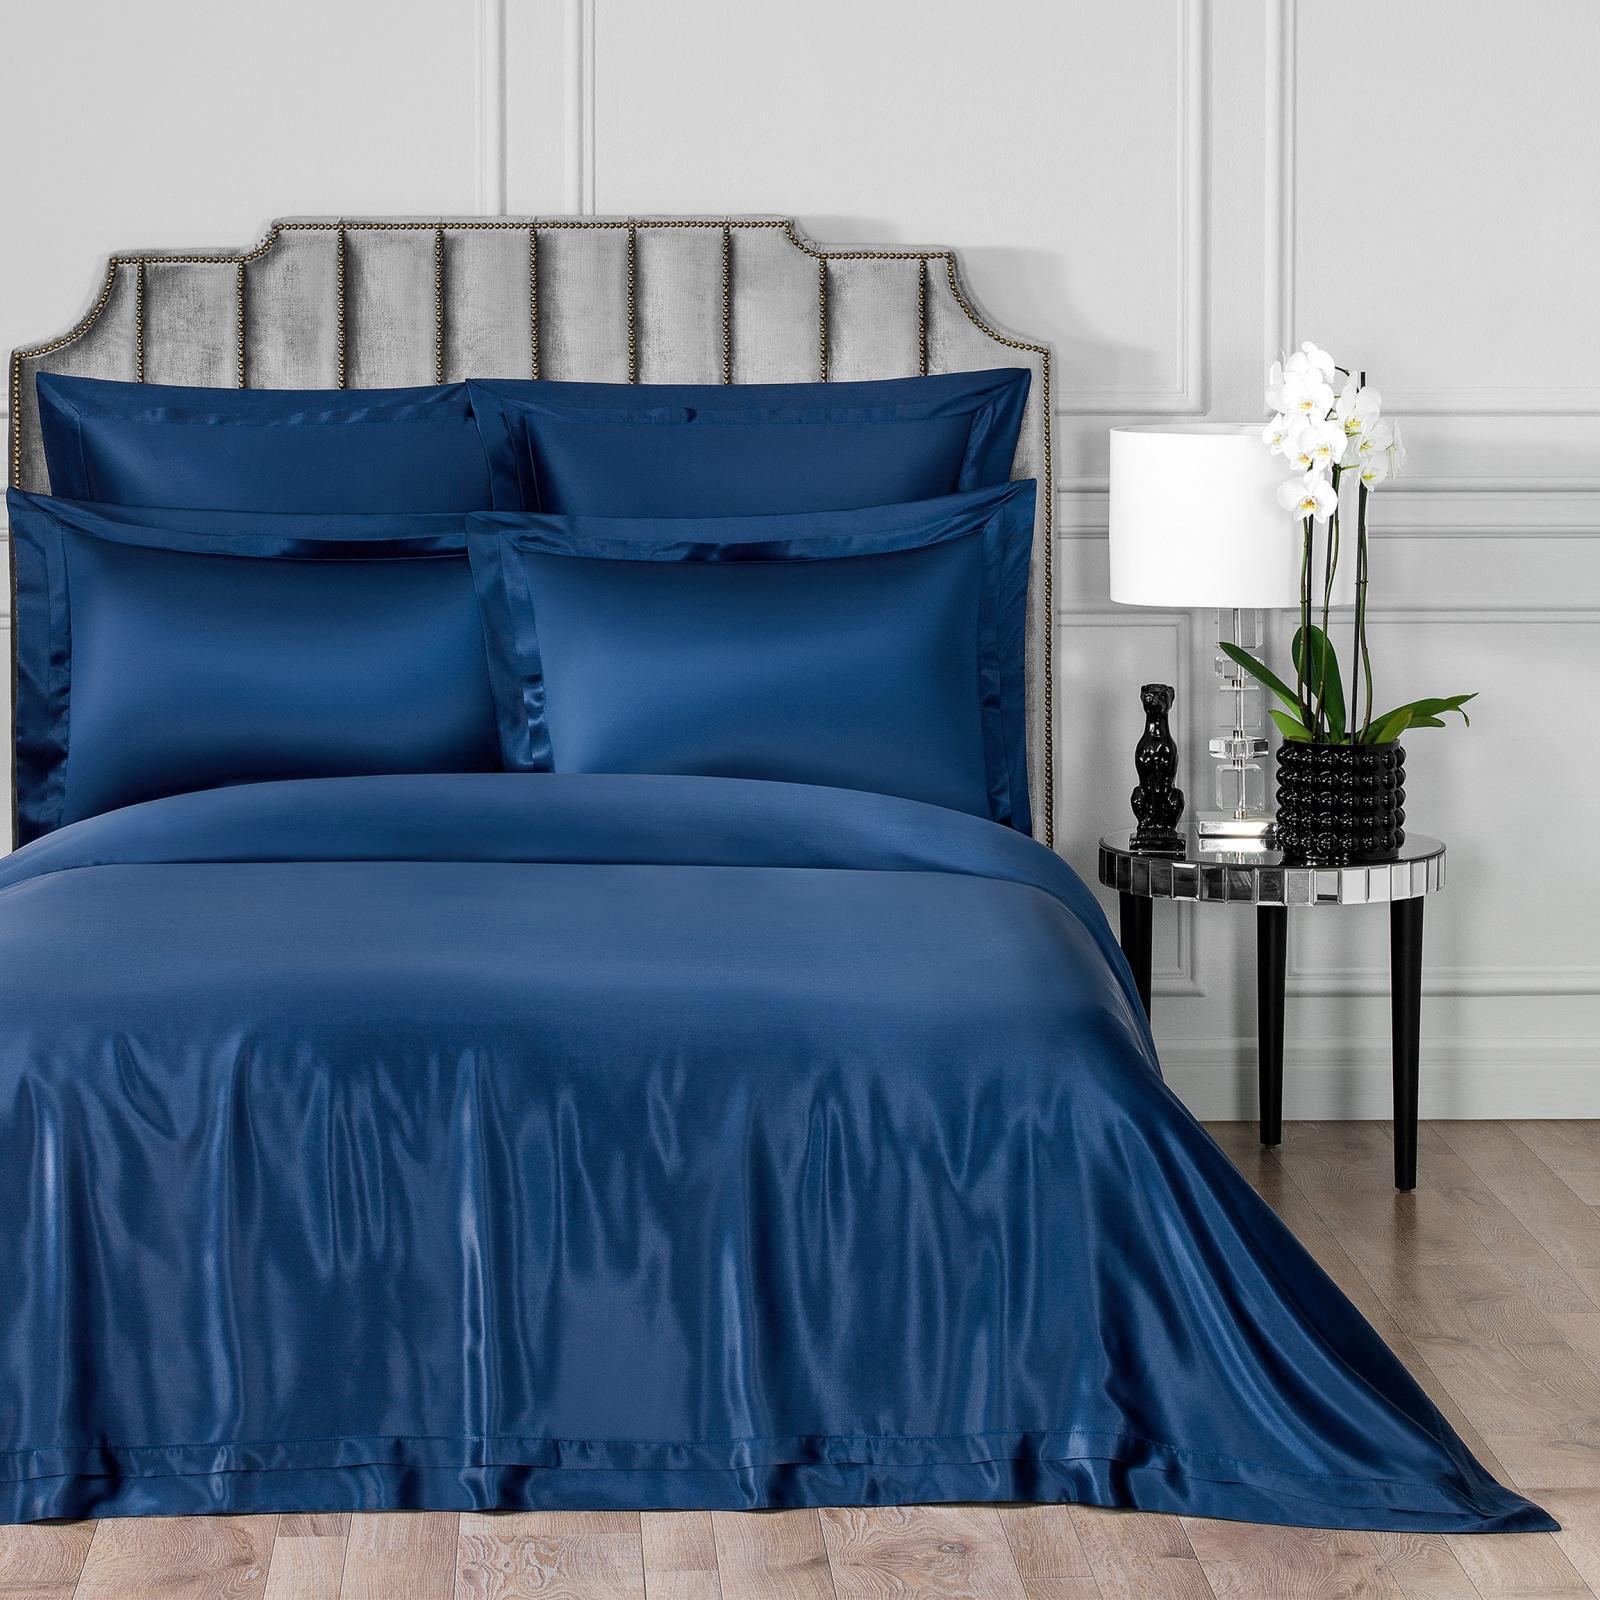 Постельный комплект Togas Элит темно-синий двуспальный евро